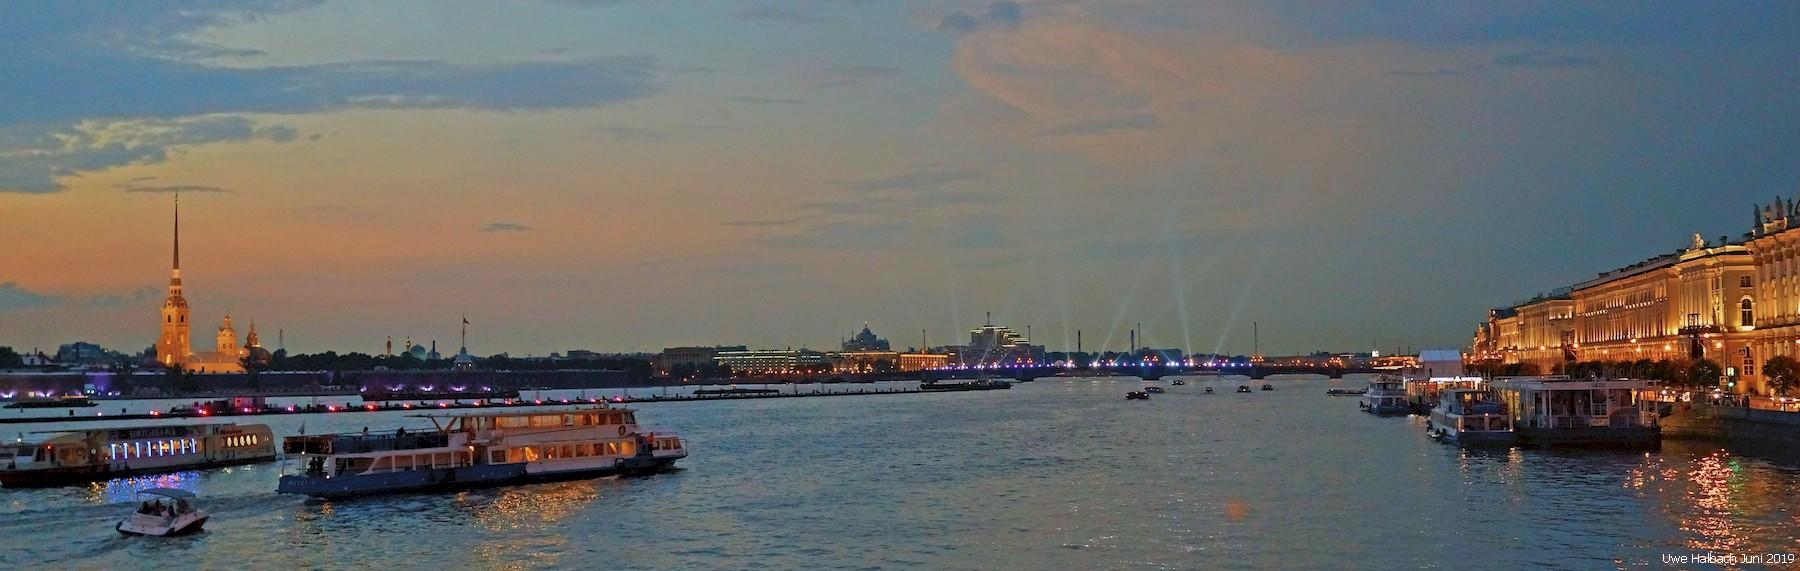 12-Petersburg-abends-1800